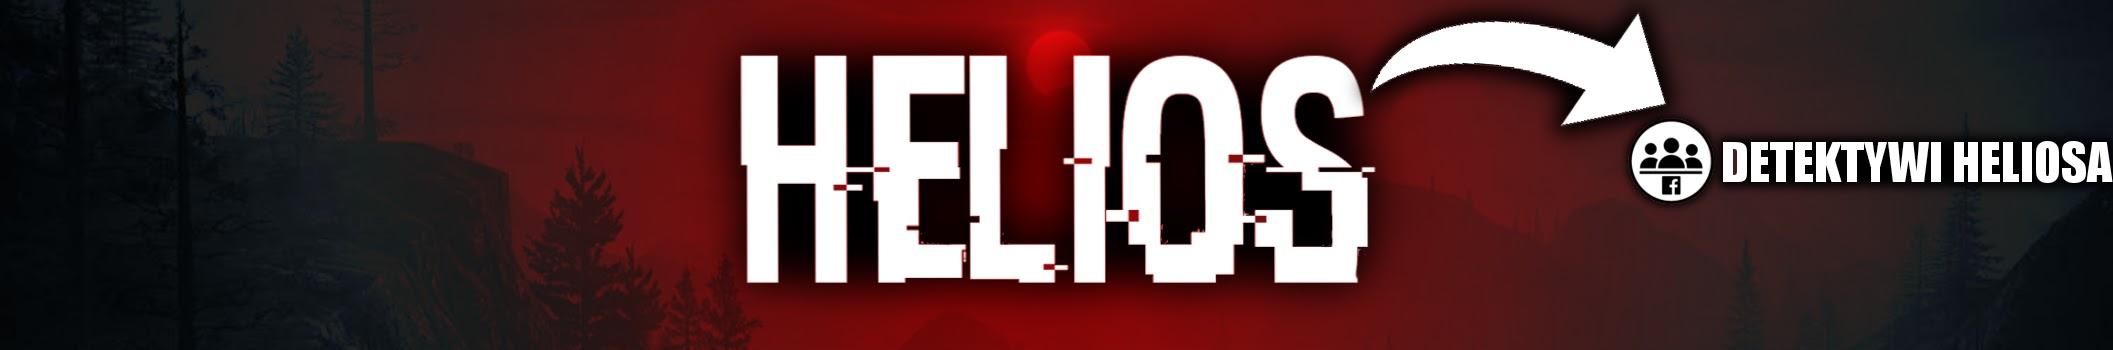 HELIOSPL